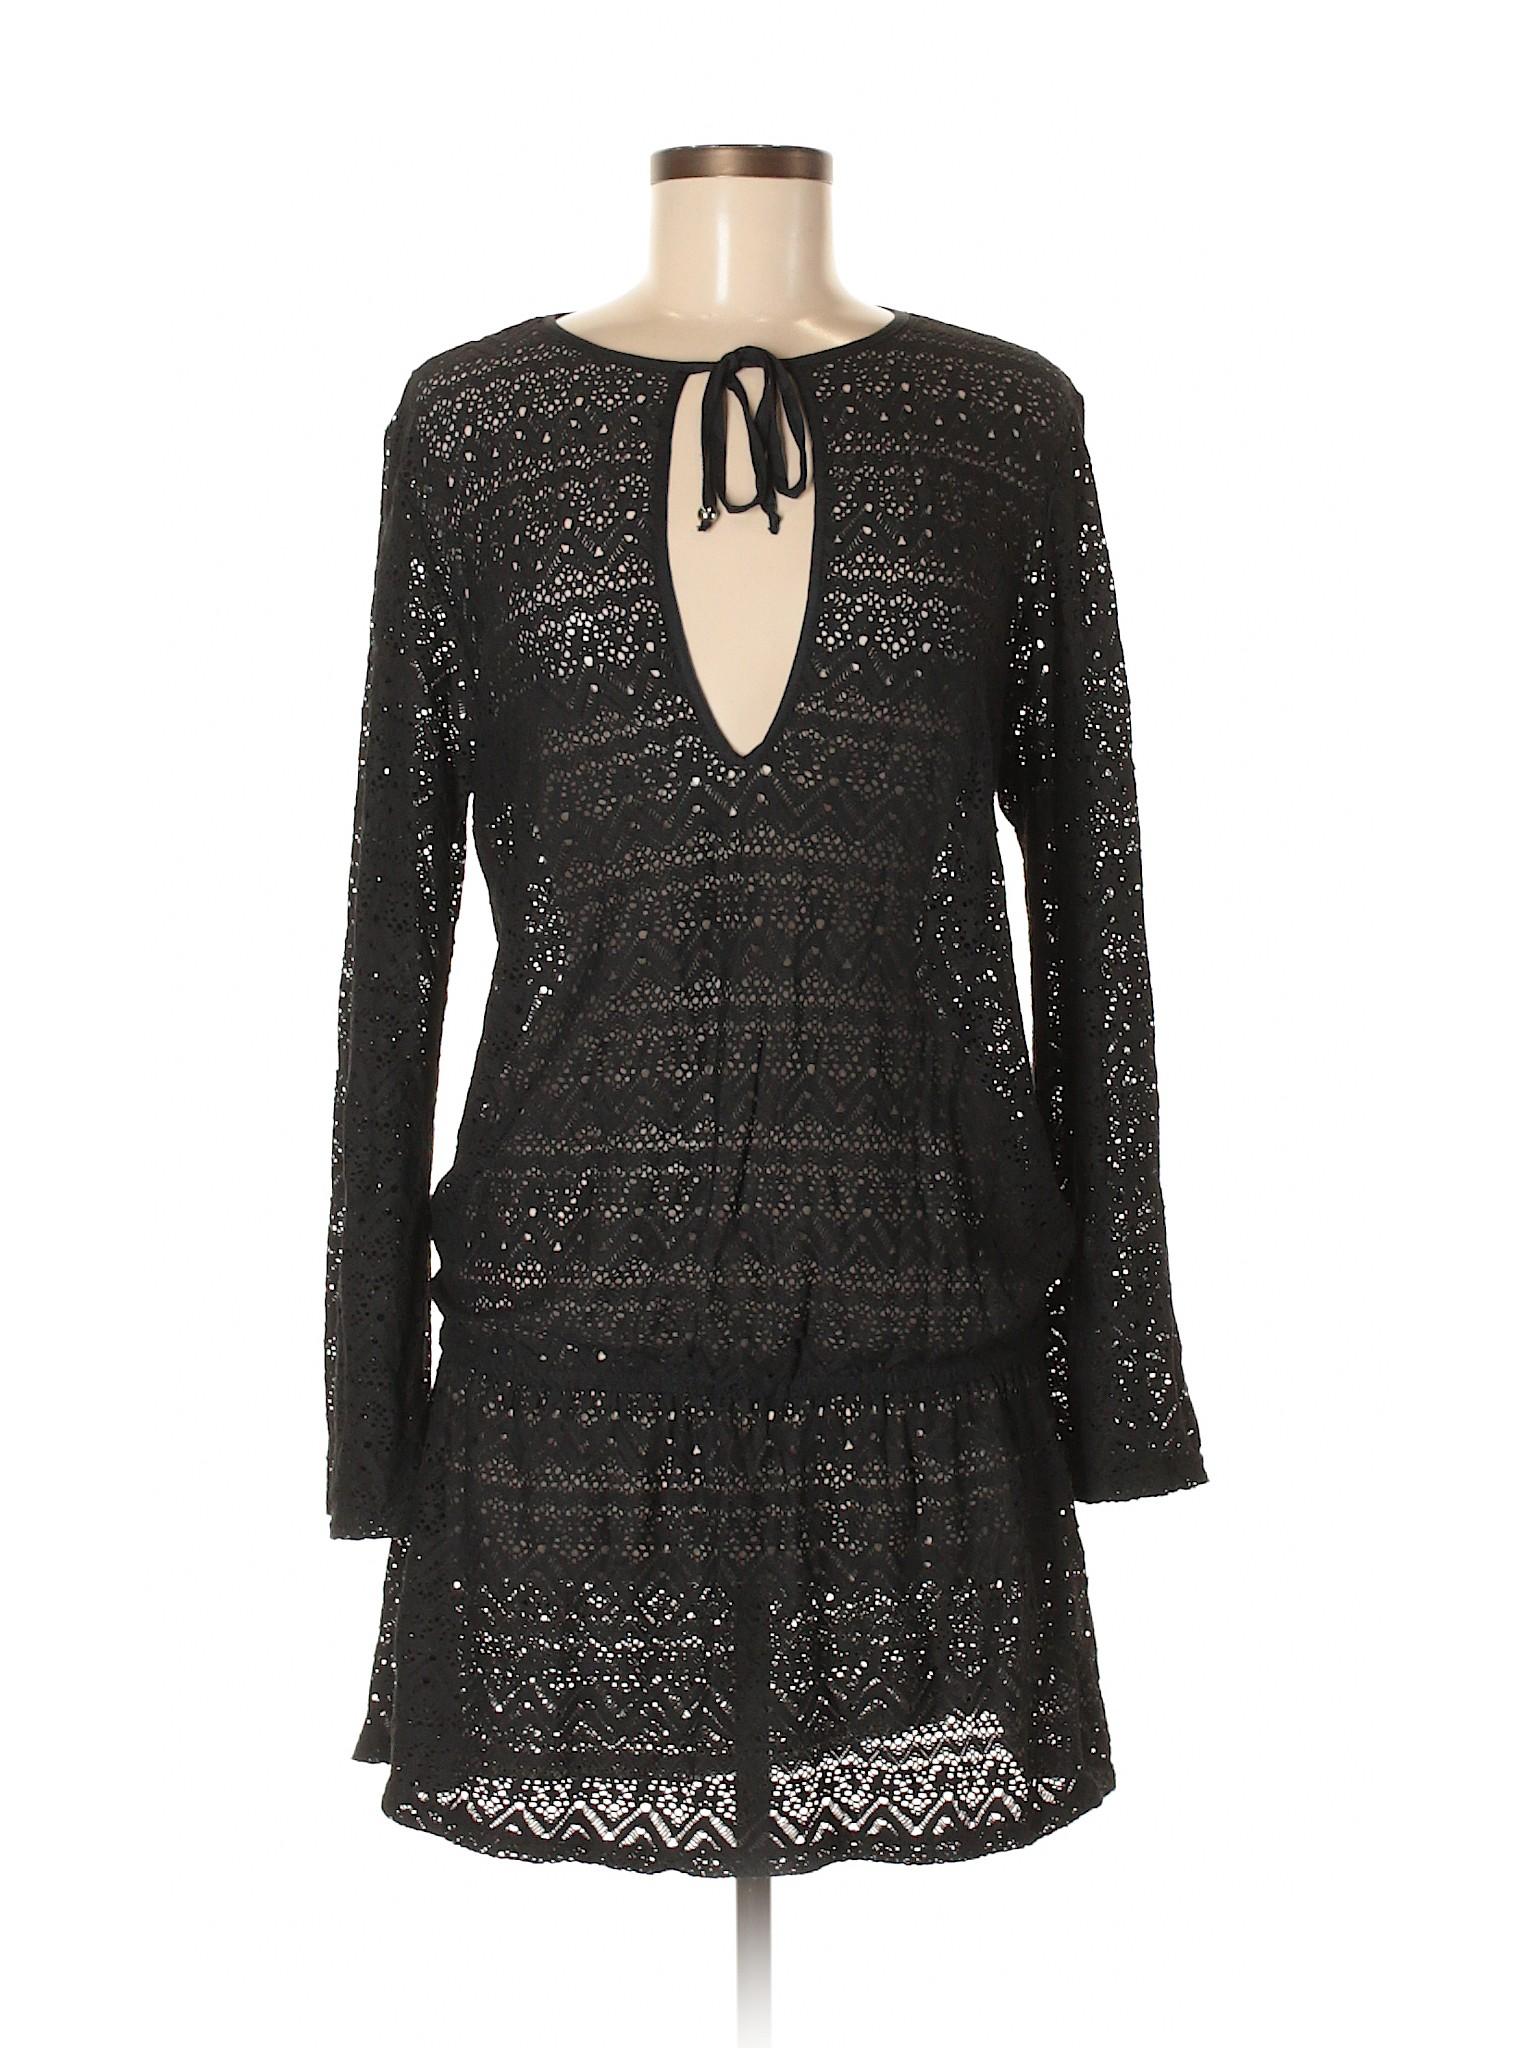 winter Casual winter Casual Dress Boutique Athena Boutique Dress Athena 5qpzC5T